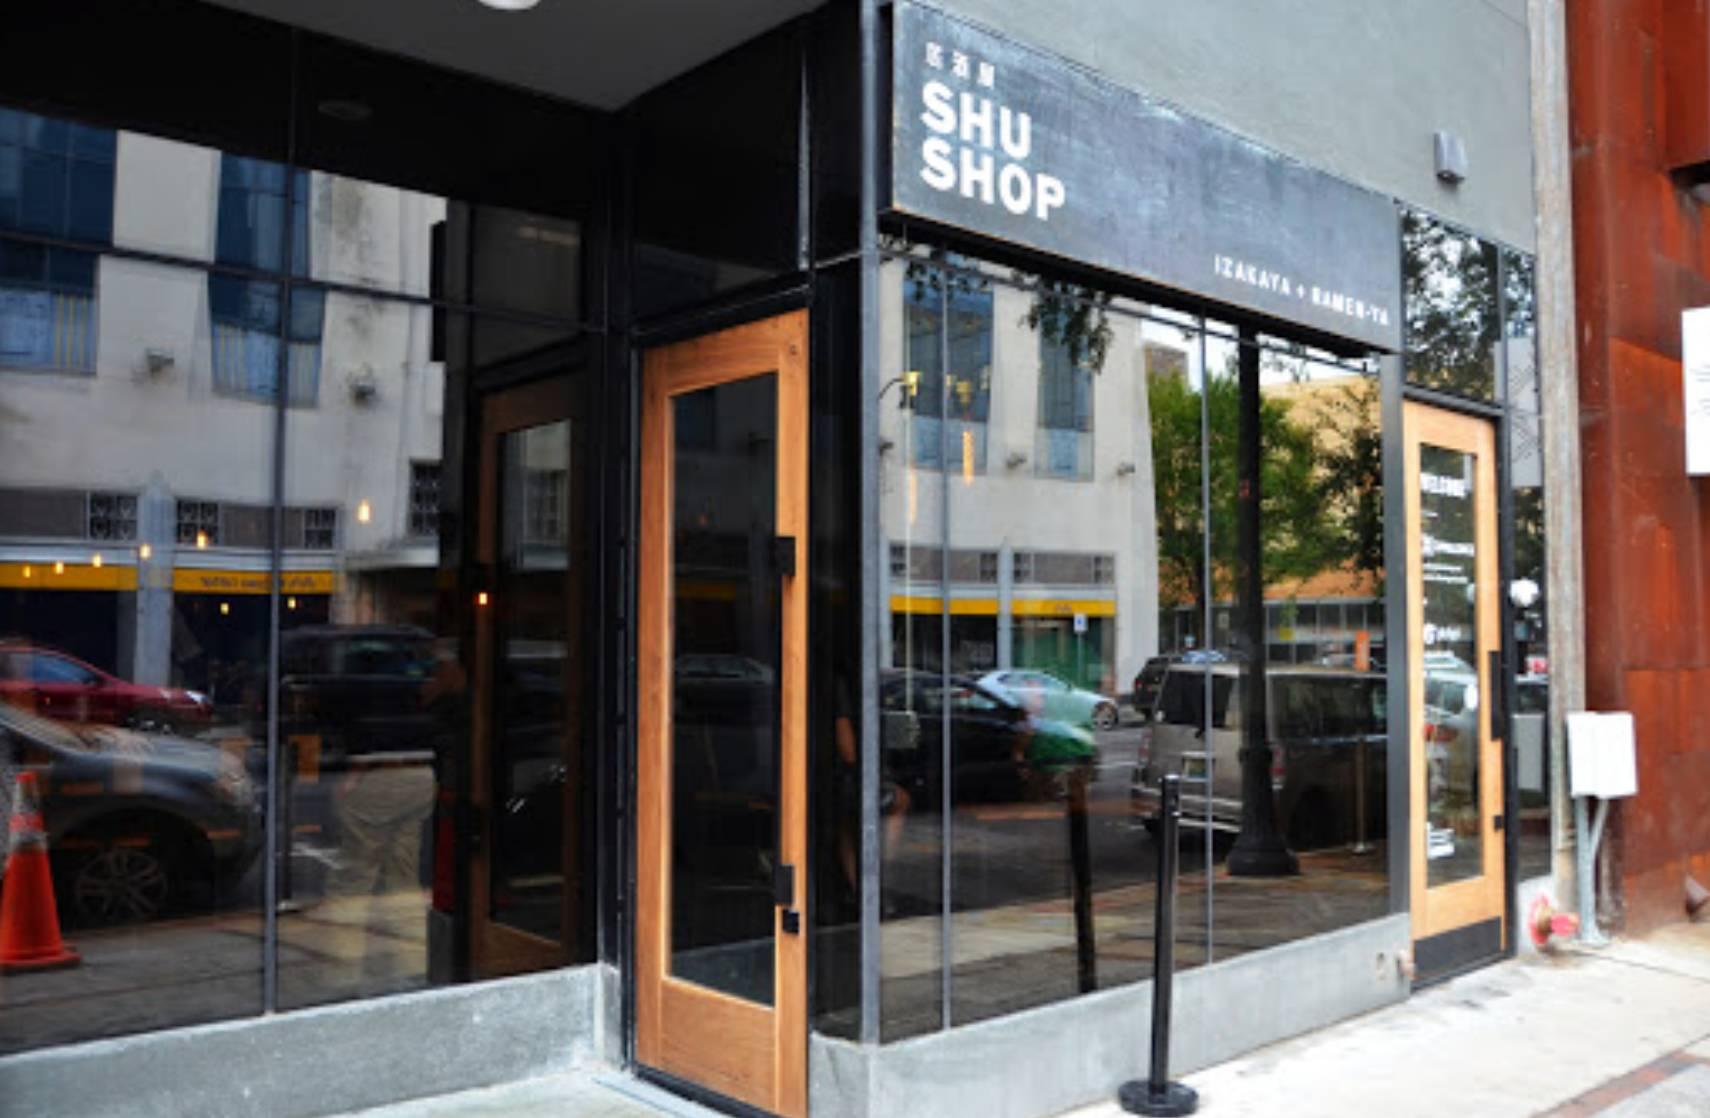 Shu Shop